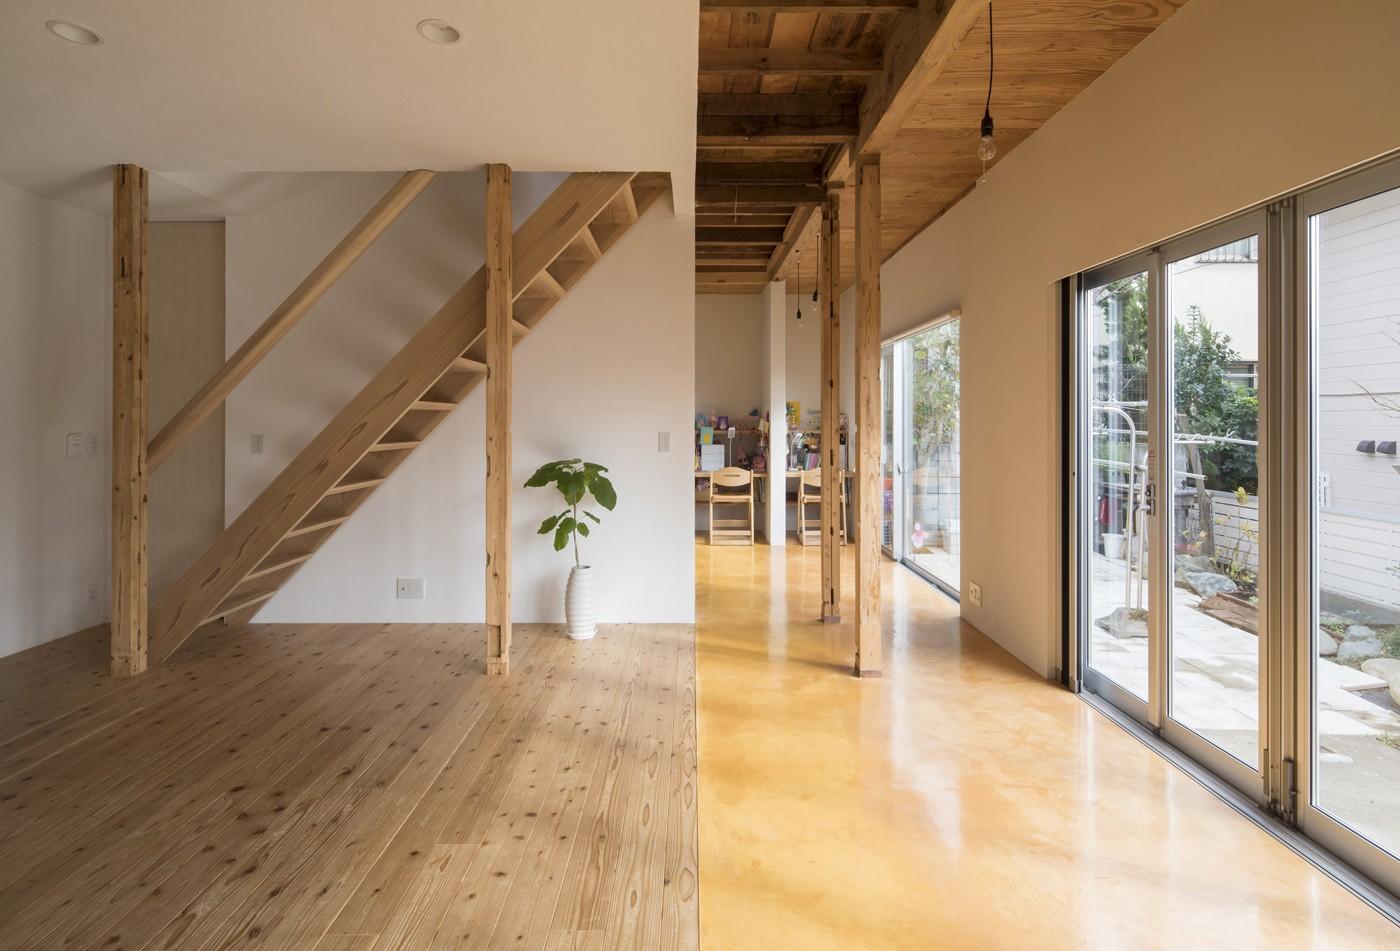 リビングダイニング事例:広縁と板間のリビング(鎌倉の家〜祖父母の家を引き継ぐ木造戸建てリノベーション〜)